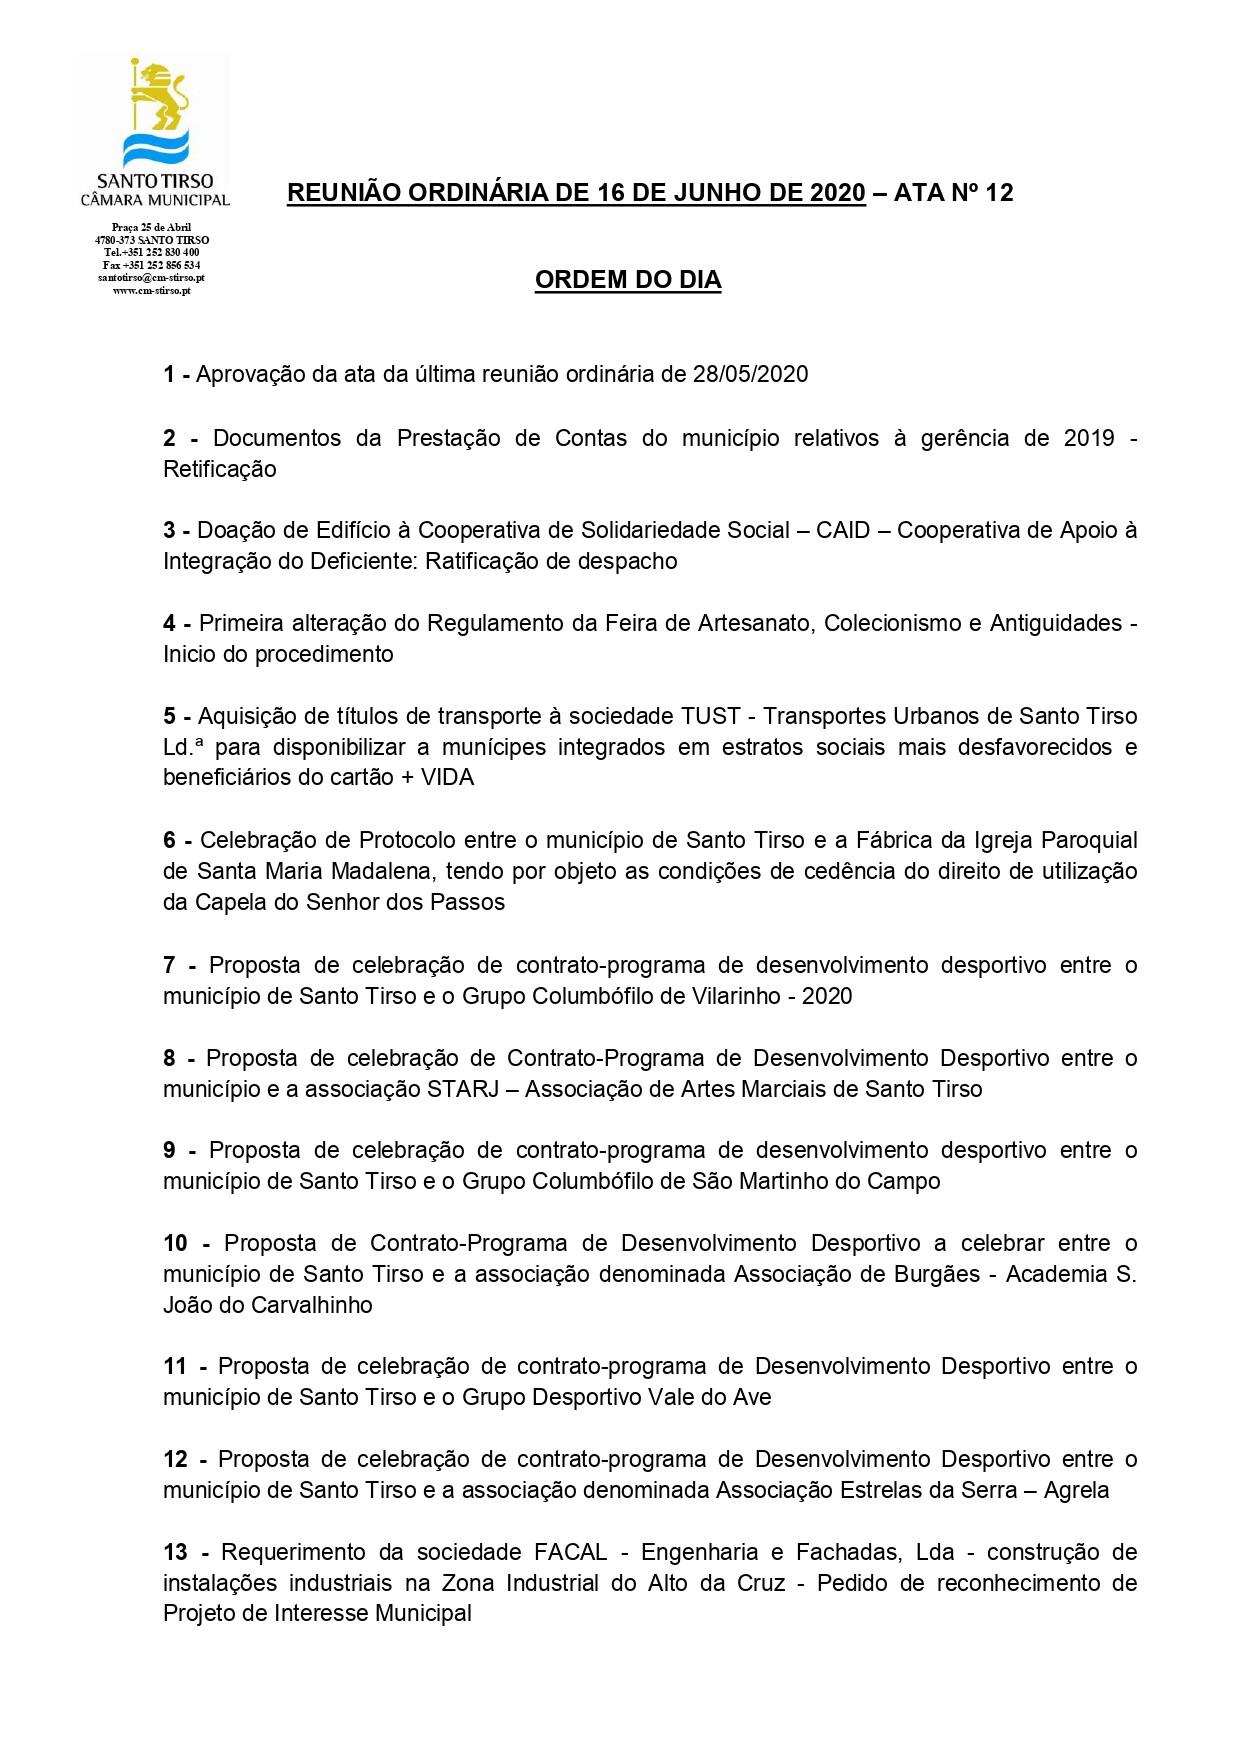 ORDEM DO DIA -16 de junho_page-0001